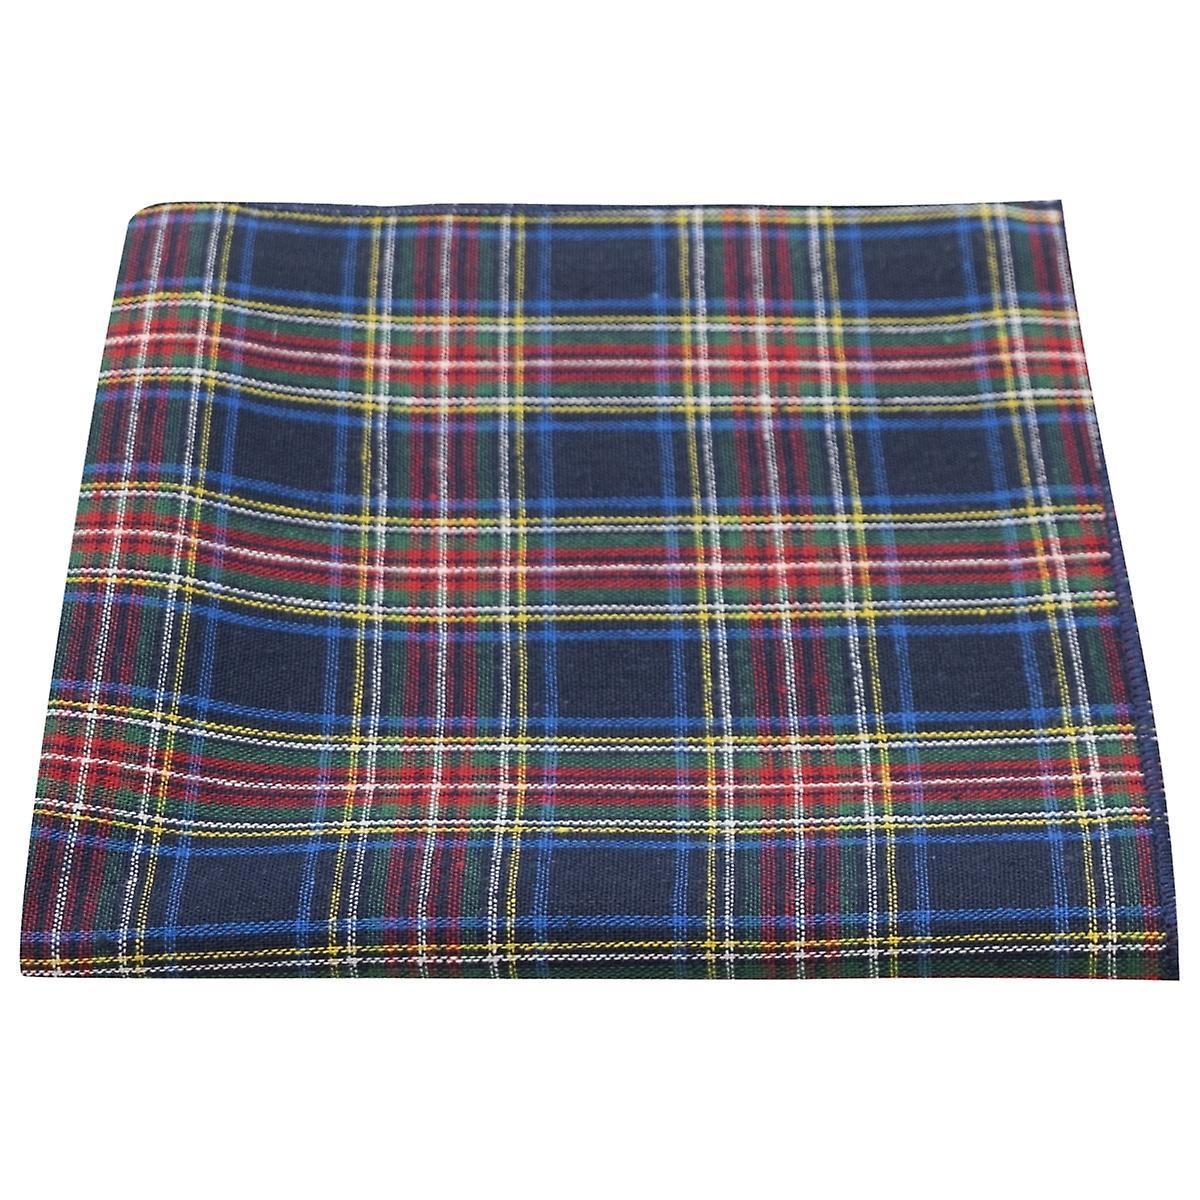 Traditional Navy Blue Tartan Pocket Square, Handkerchief, Check, Plaid